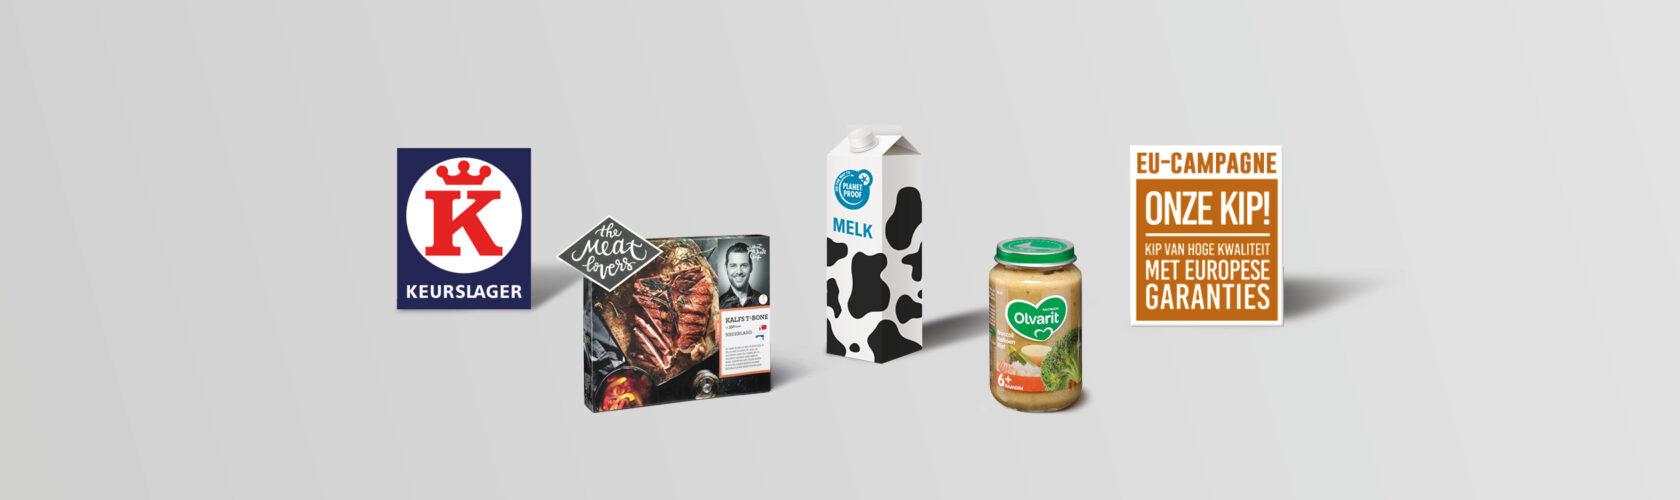 Beeld: merken die zijn genomineerd als Liegebeest